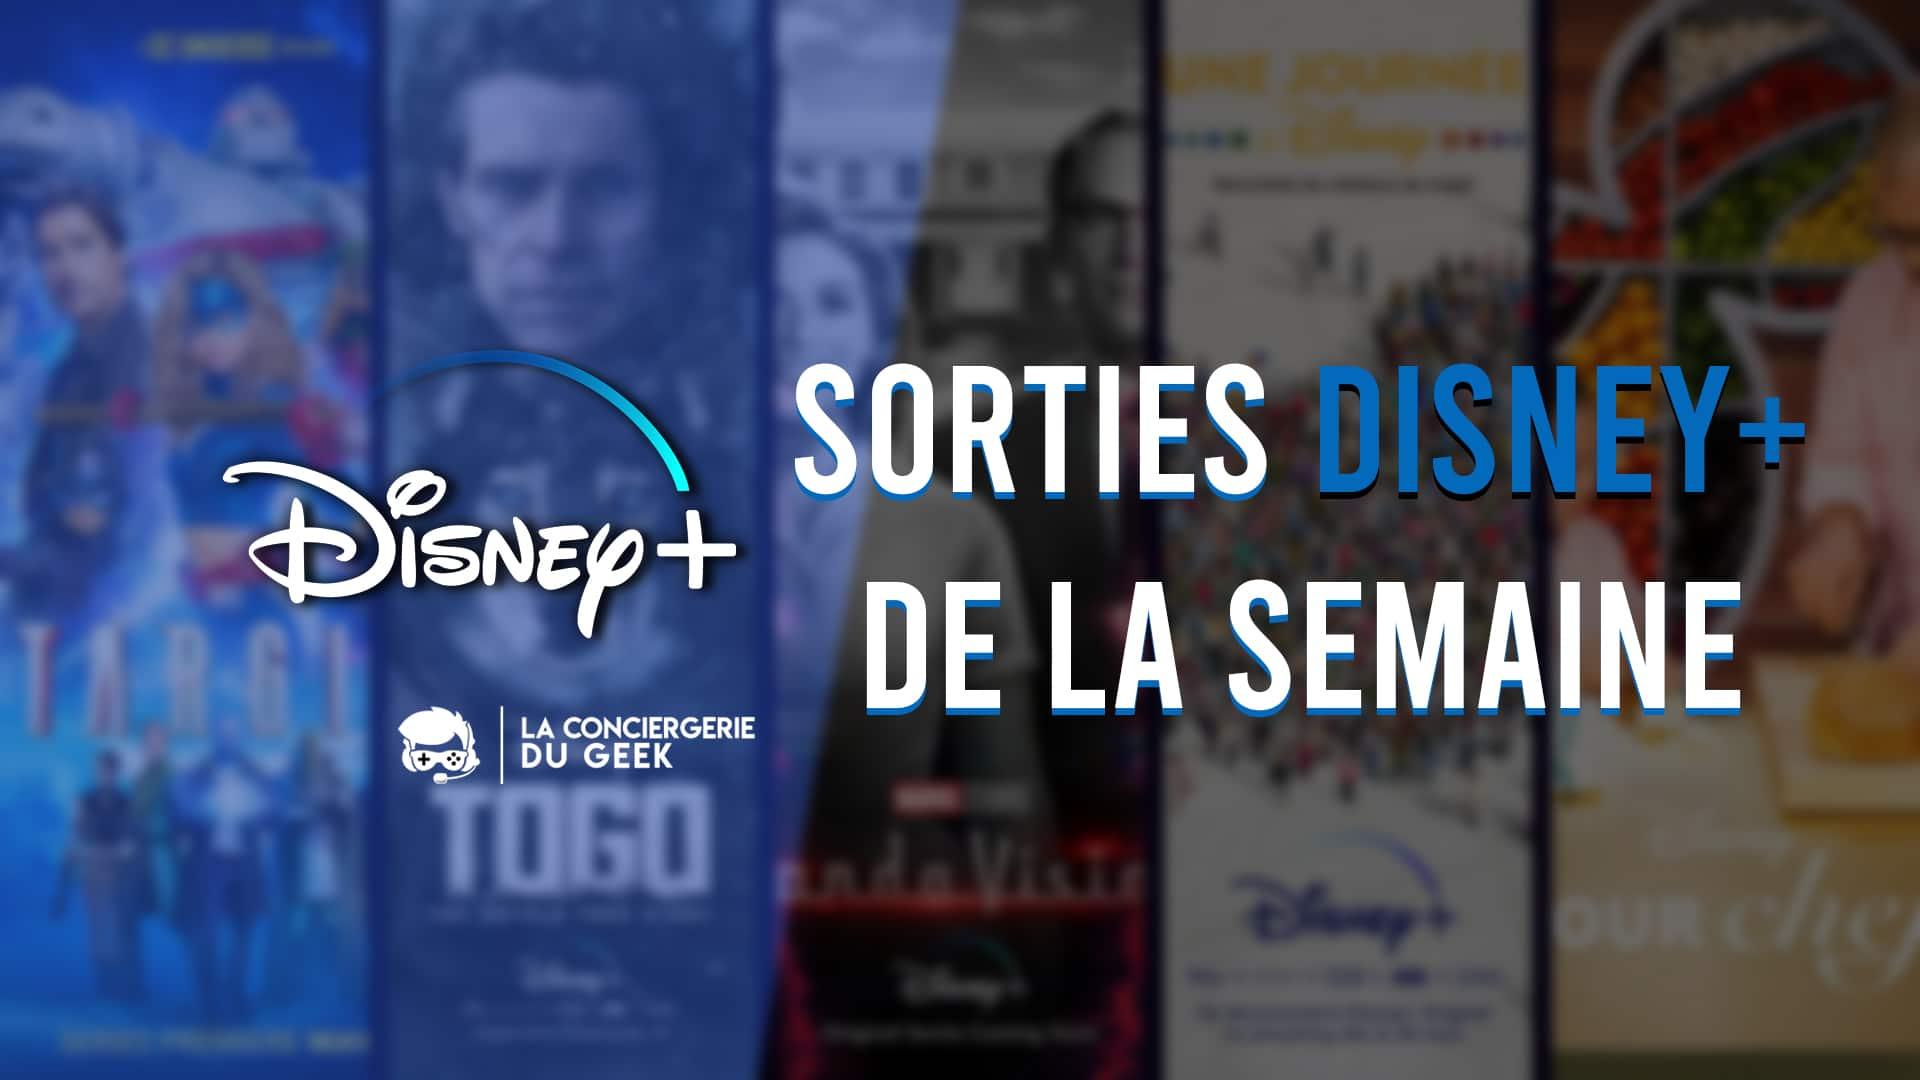 Sorties Disney+ de la semaine du 15 au 21 février